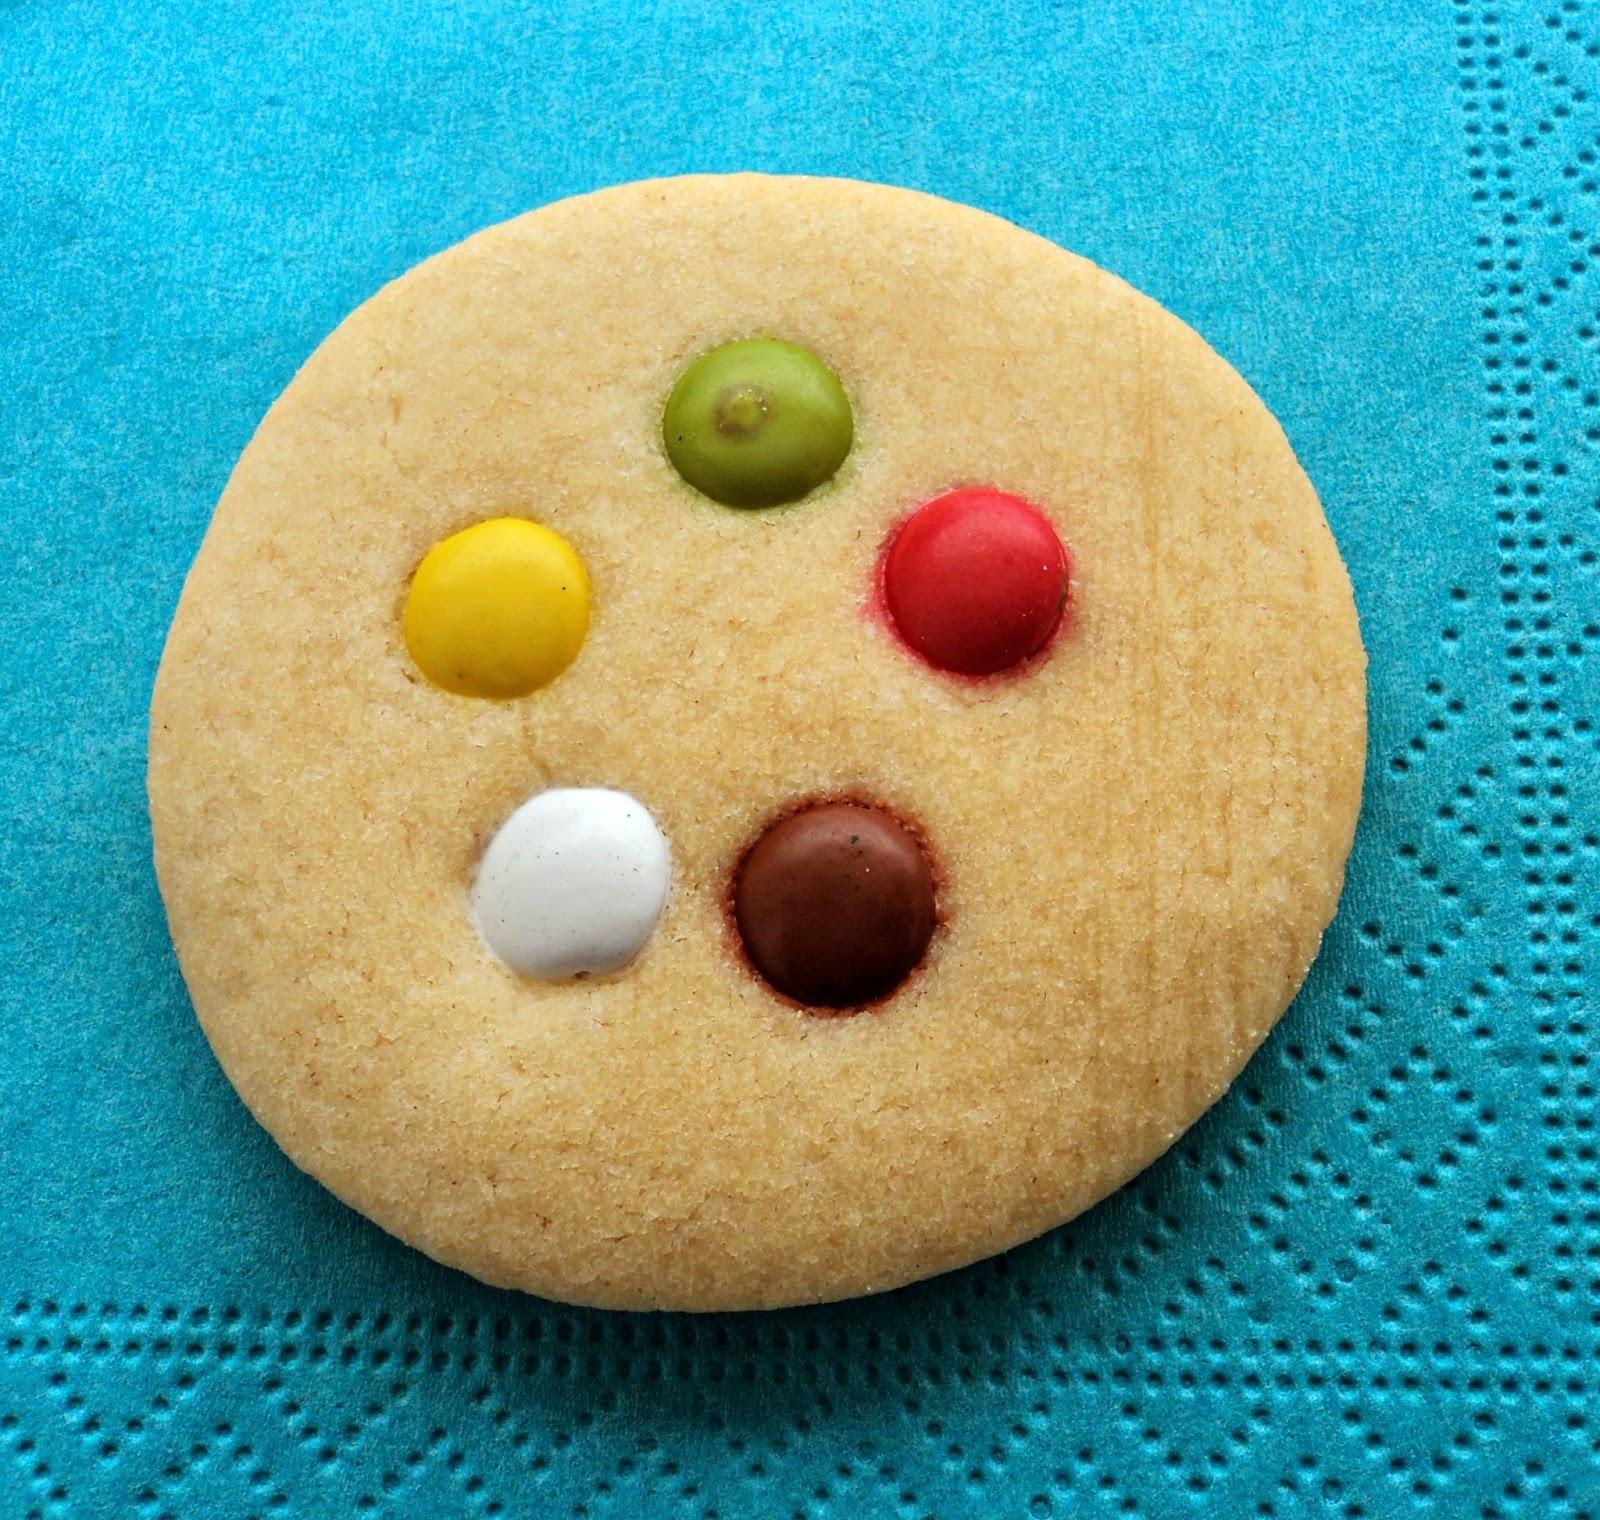 receta casera galletas lacasitos